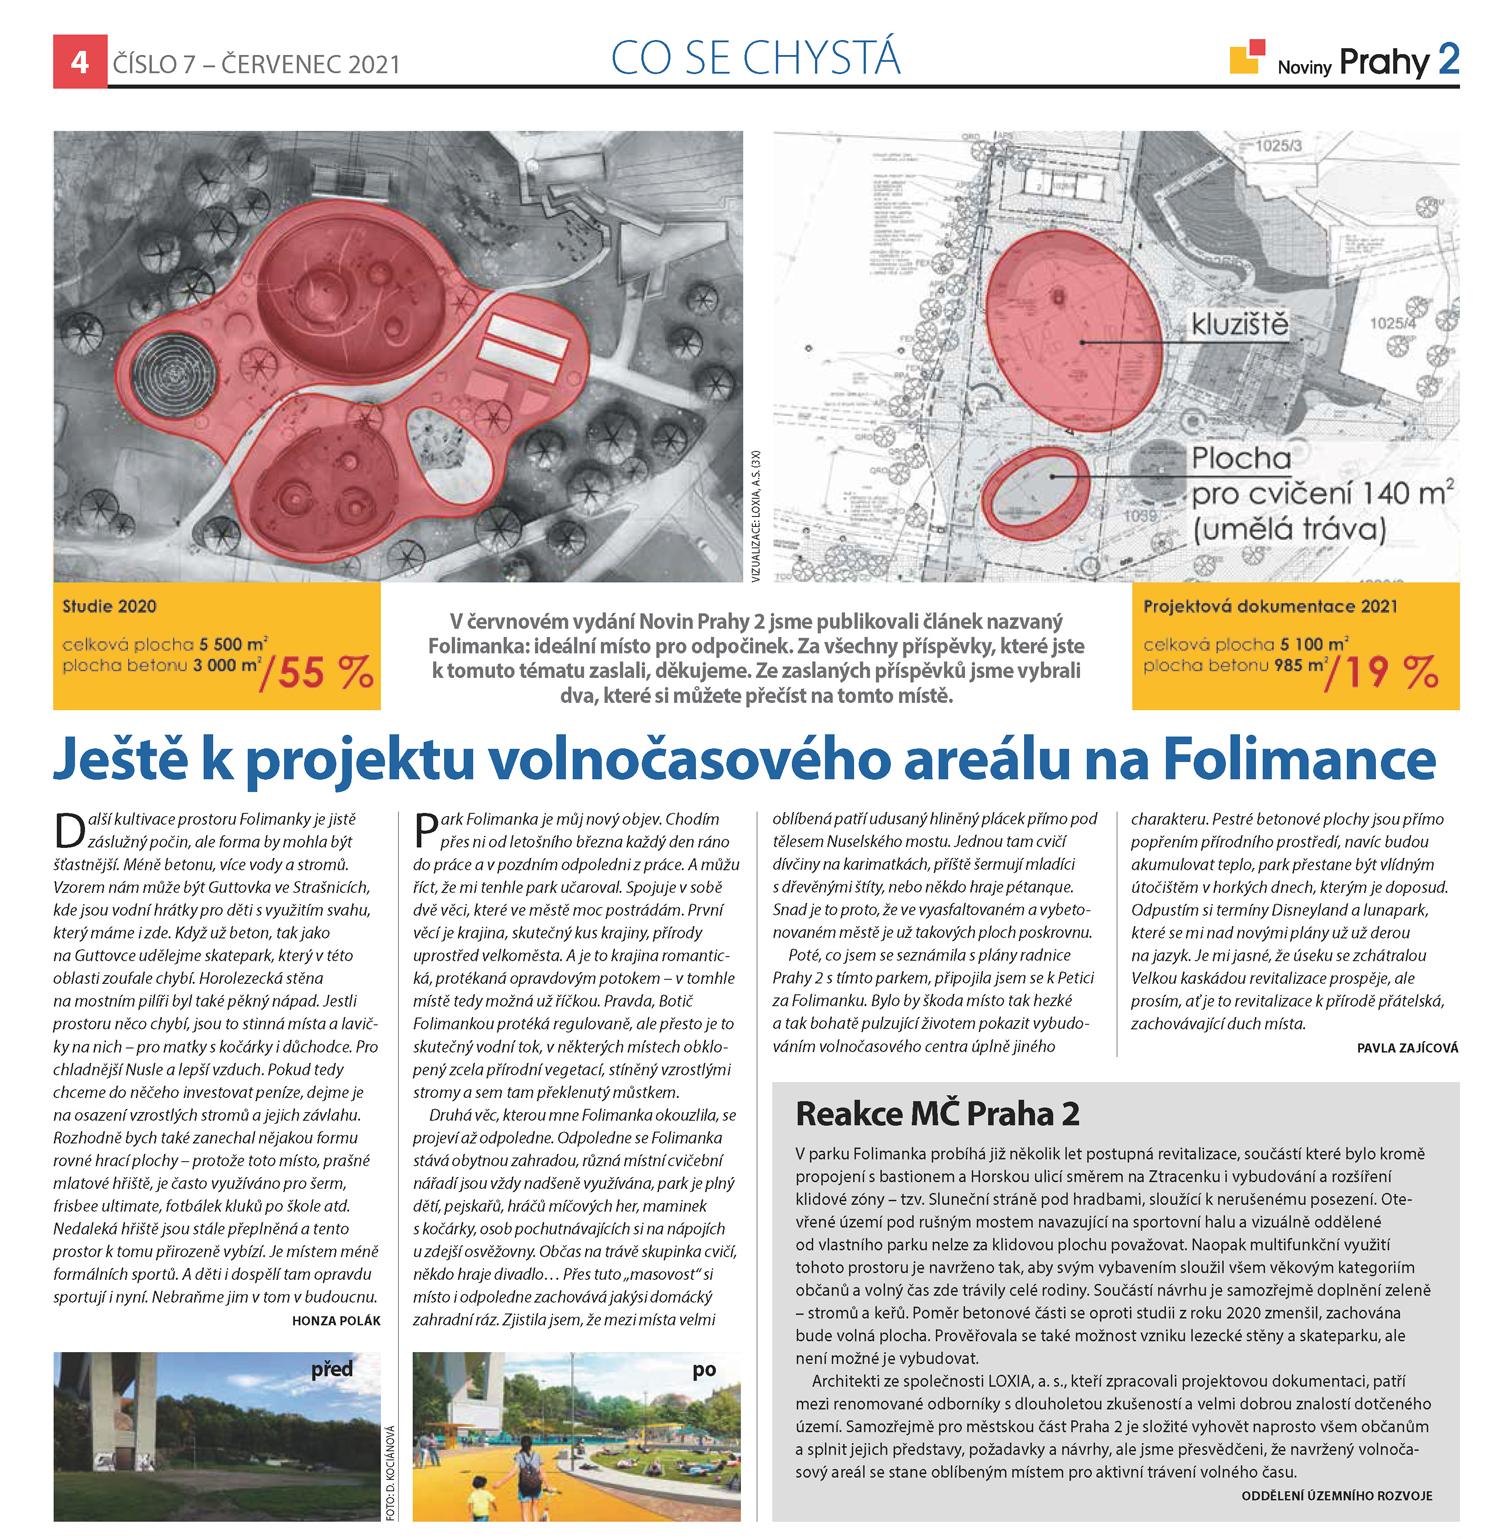 Názory občanů na volnočasový areál na Folimance